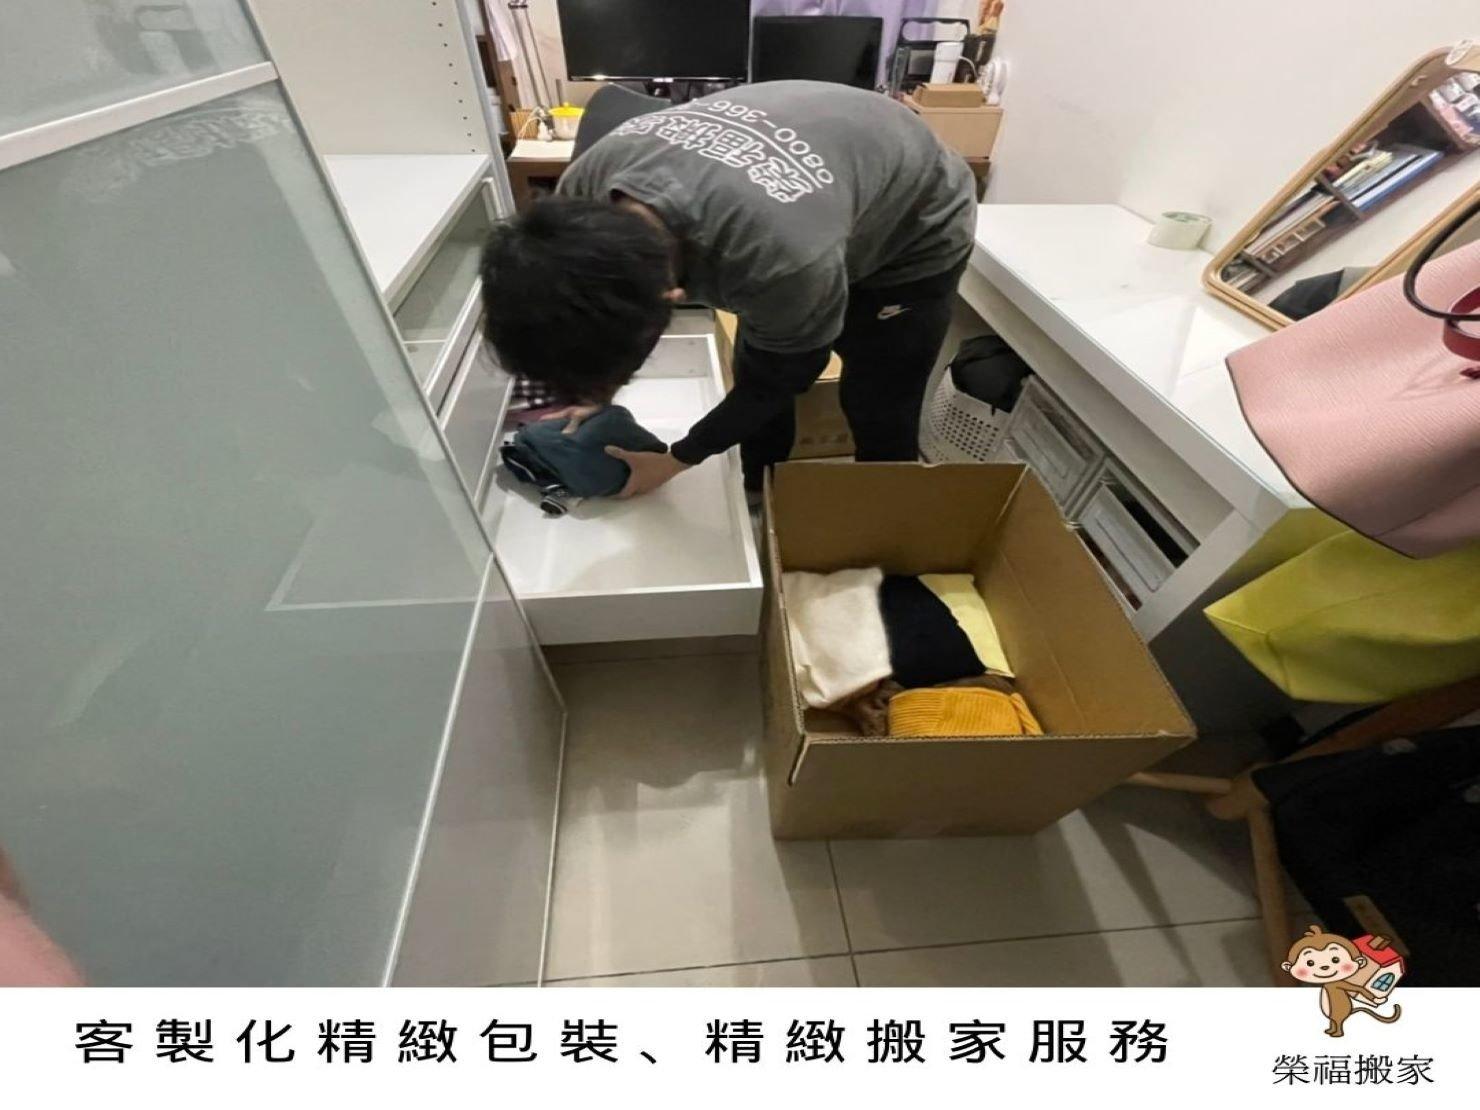 【精緻搬家實錄】搬家公司如何精緻搬家及裝箱打包服務?看榮福搬家專人到府打包搬家服務